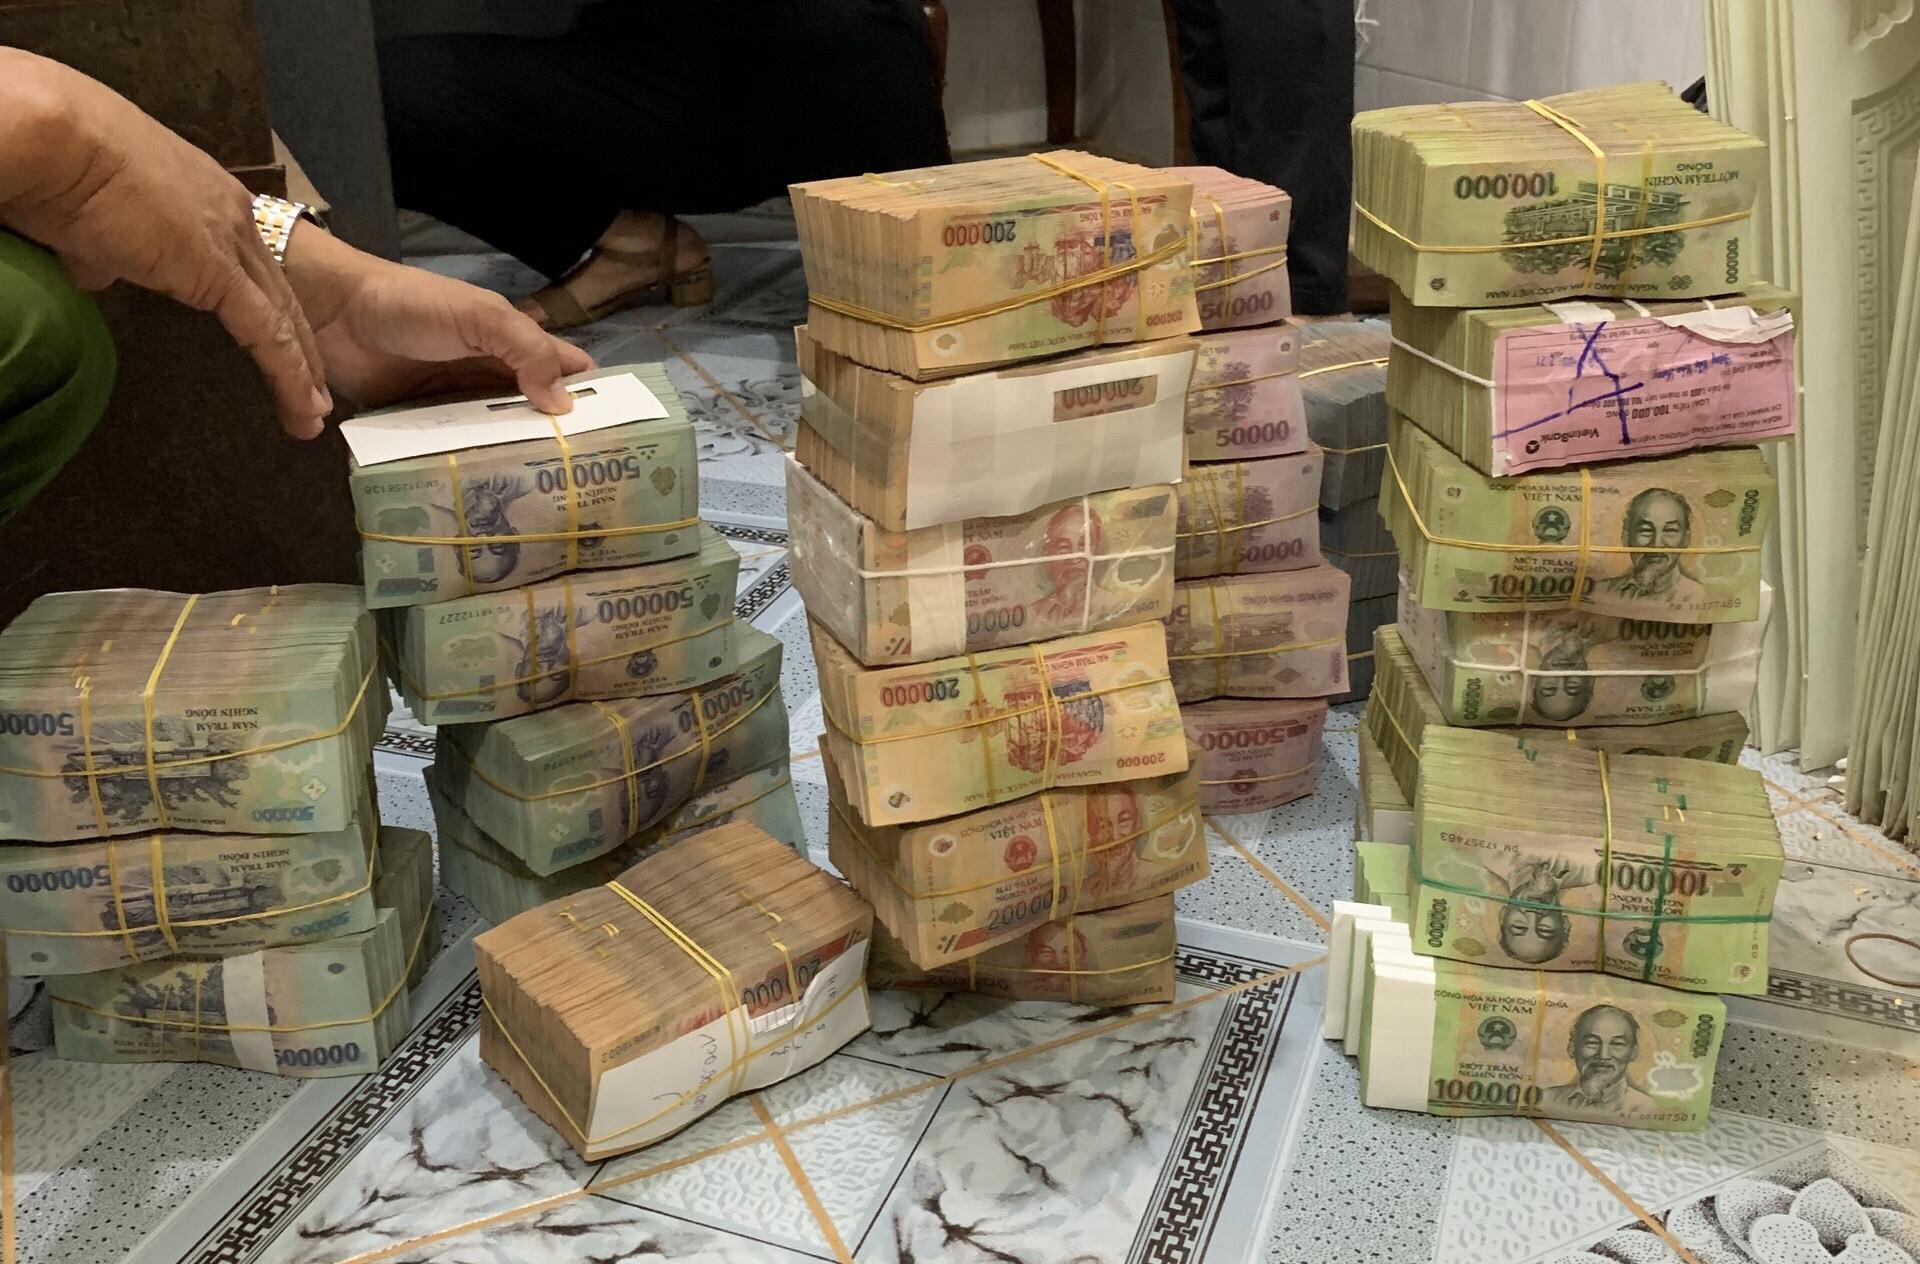 Nhiều doanh nghiệp, cơ quan ở Gia Lai… bị trộm hàng tỷ đồng - Ảnh 2.